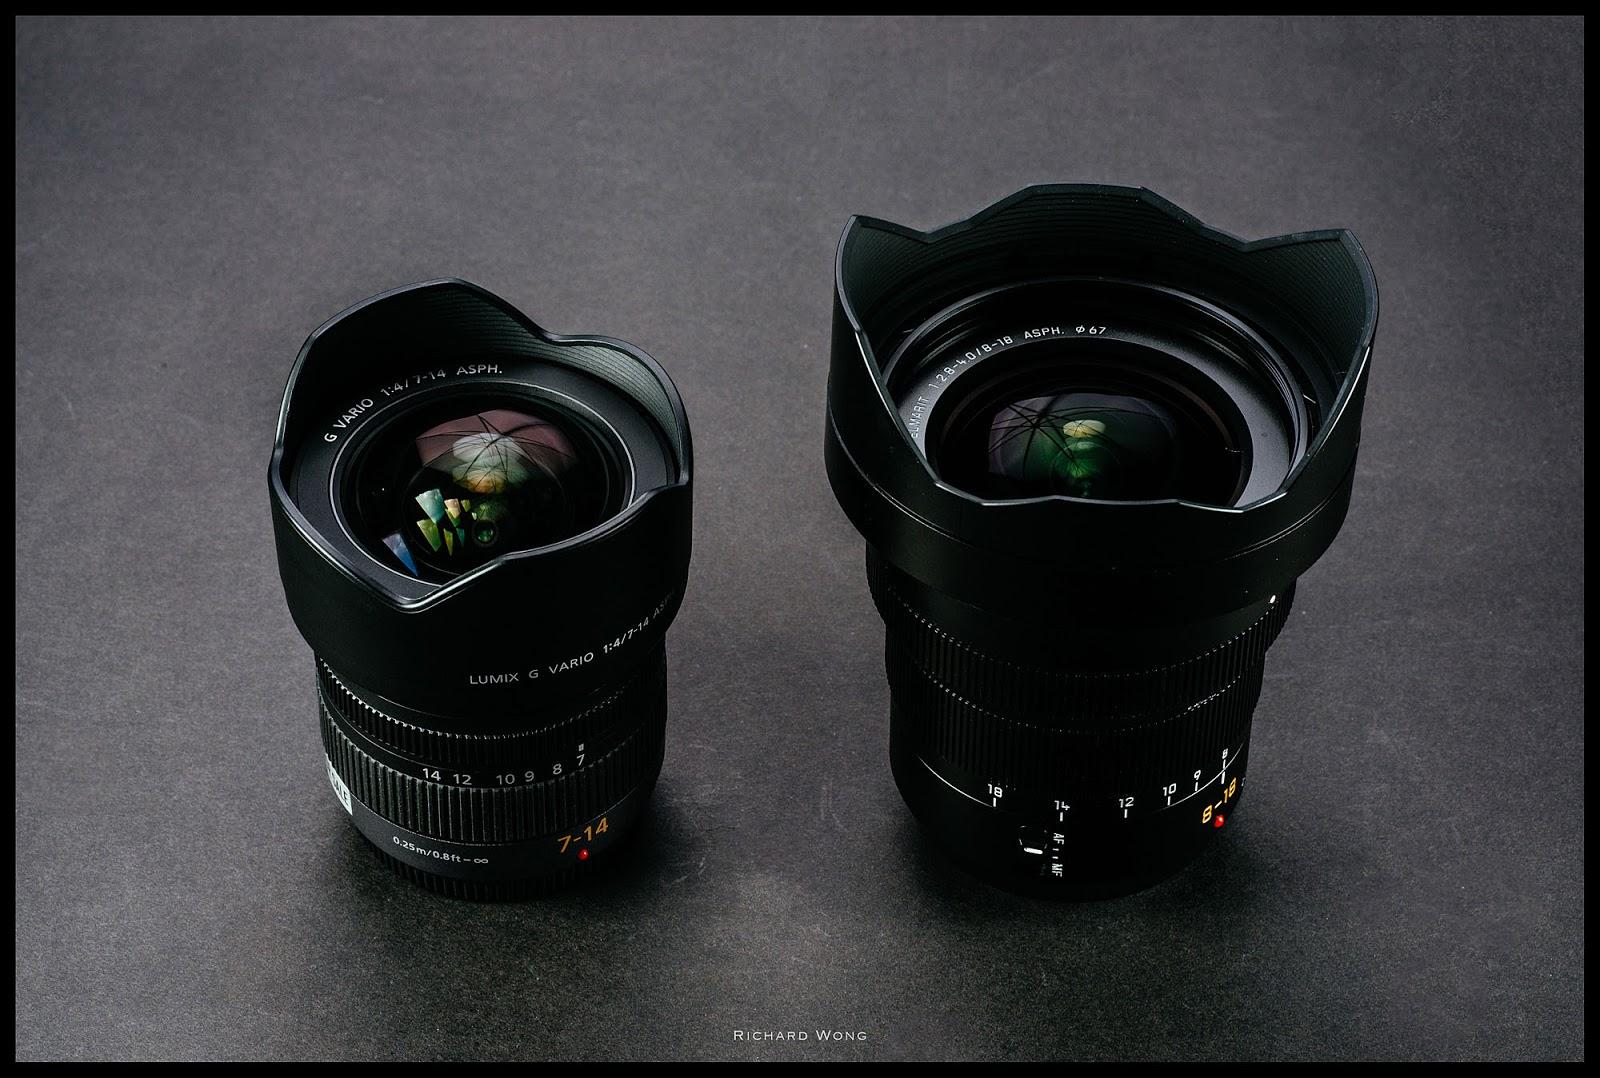 Сравнение размеров Lumix 7-14mm f/4 и  Leica DG Vario-Elmarit 8-18mm f/2.8-4.0 Asph